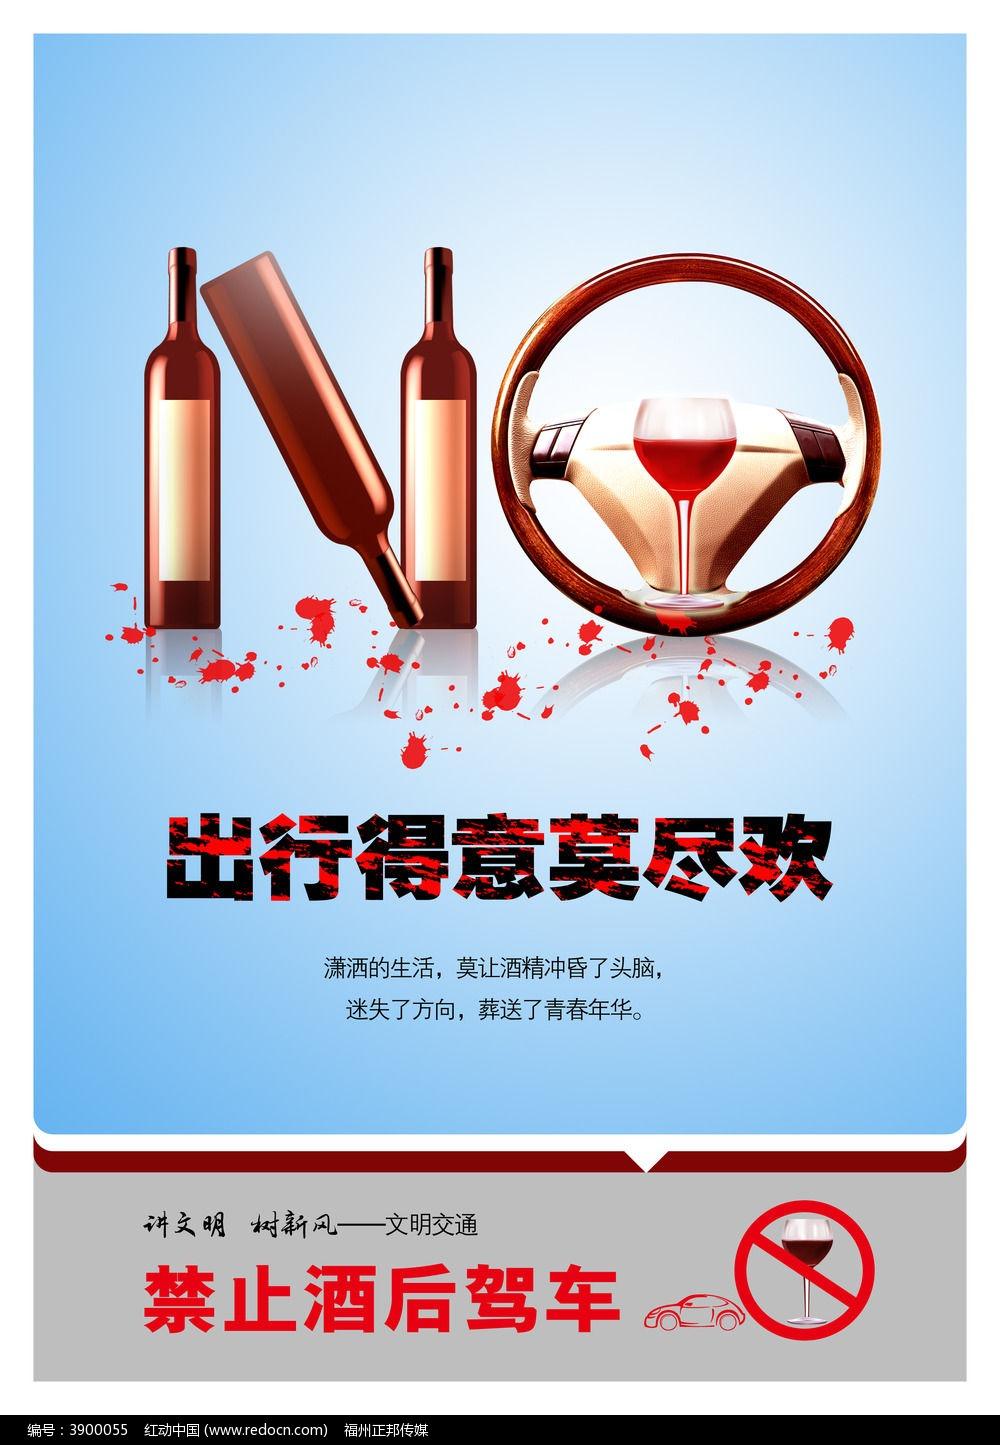 原创设计稿 海报设计/宣传单/广告牌 公益海报 禁止酒后驾车公益广告图片